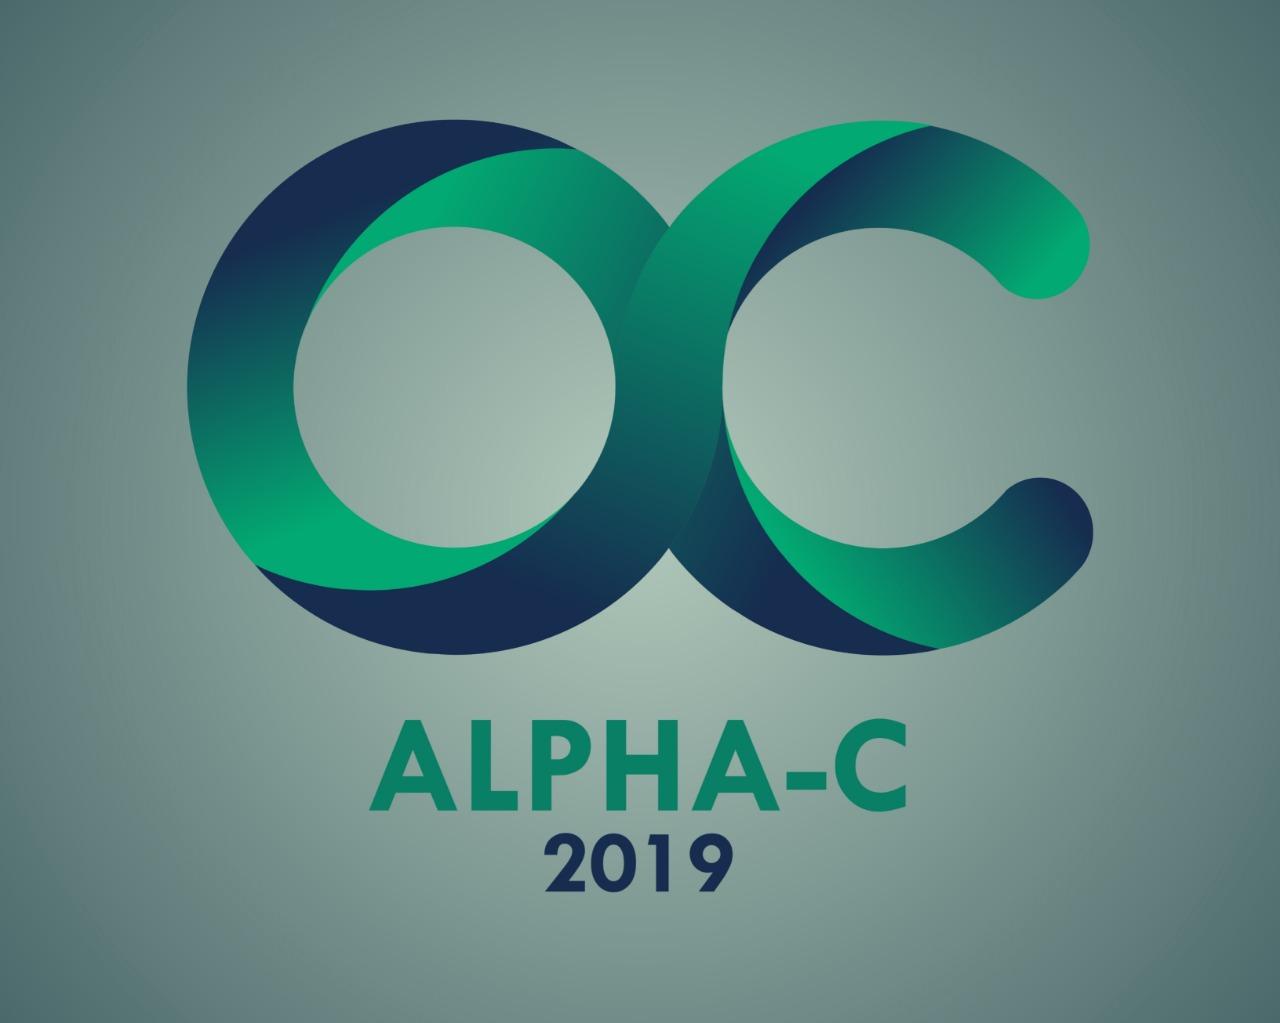 ALPHA-C 2019